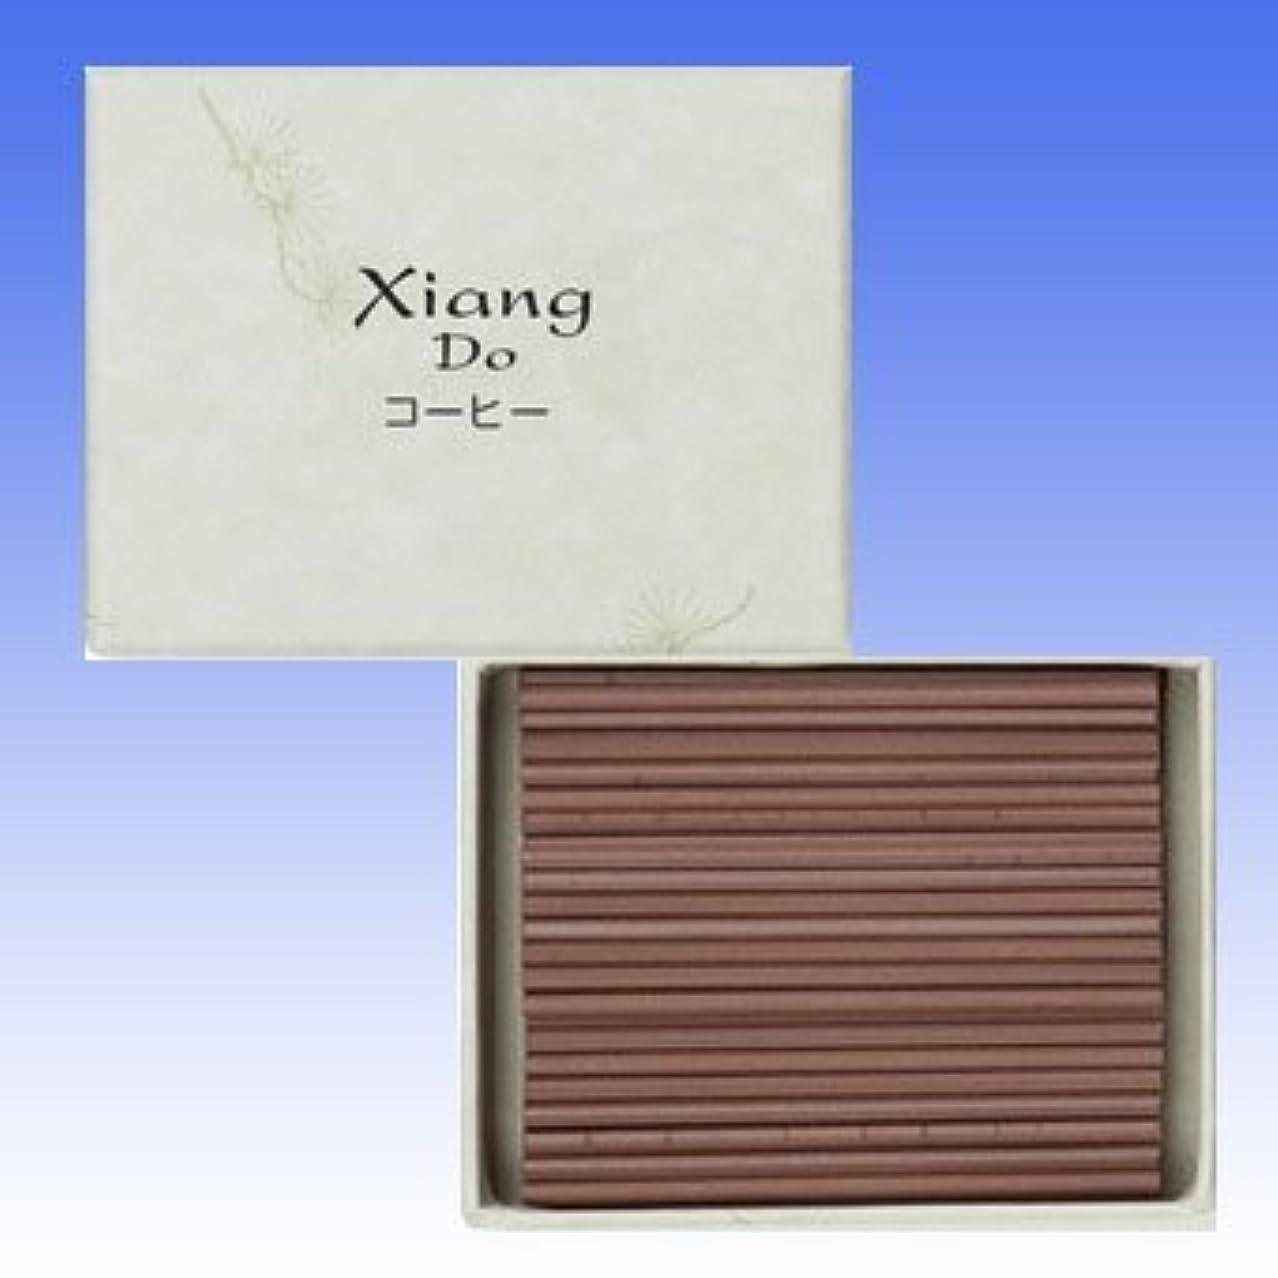 教育者カレッジ発送松栄堂 Xiang Do(シァン ドゥ) 徳用120本入 (コーヒー)